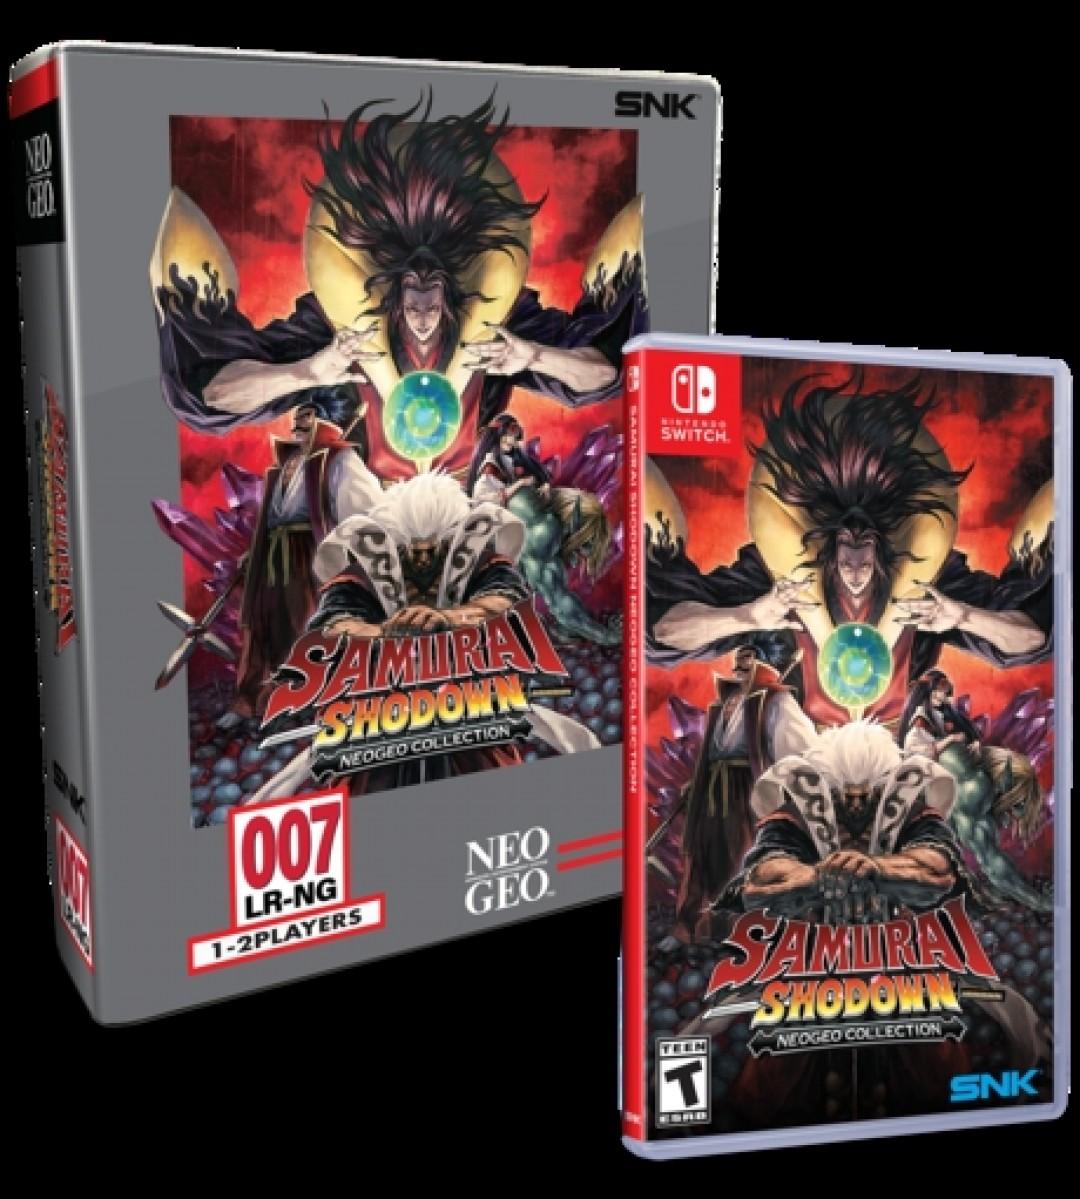 Samurai Shodown NeoGeo Collection [Collector's Edition]